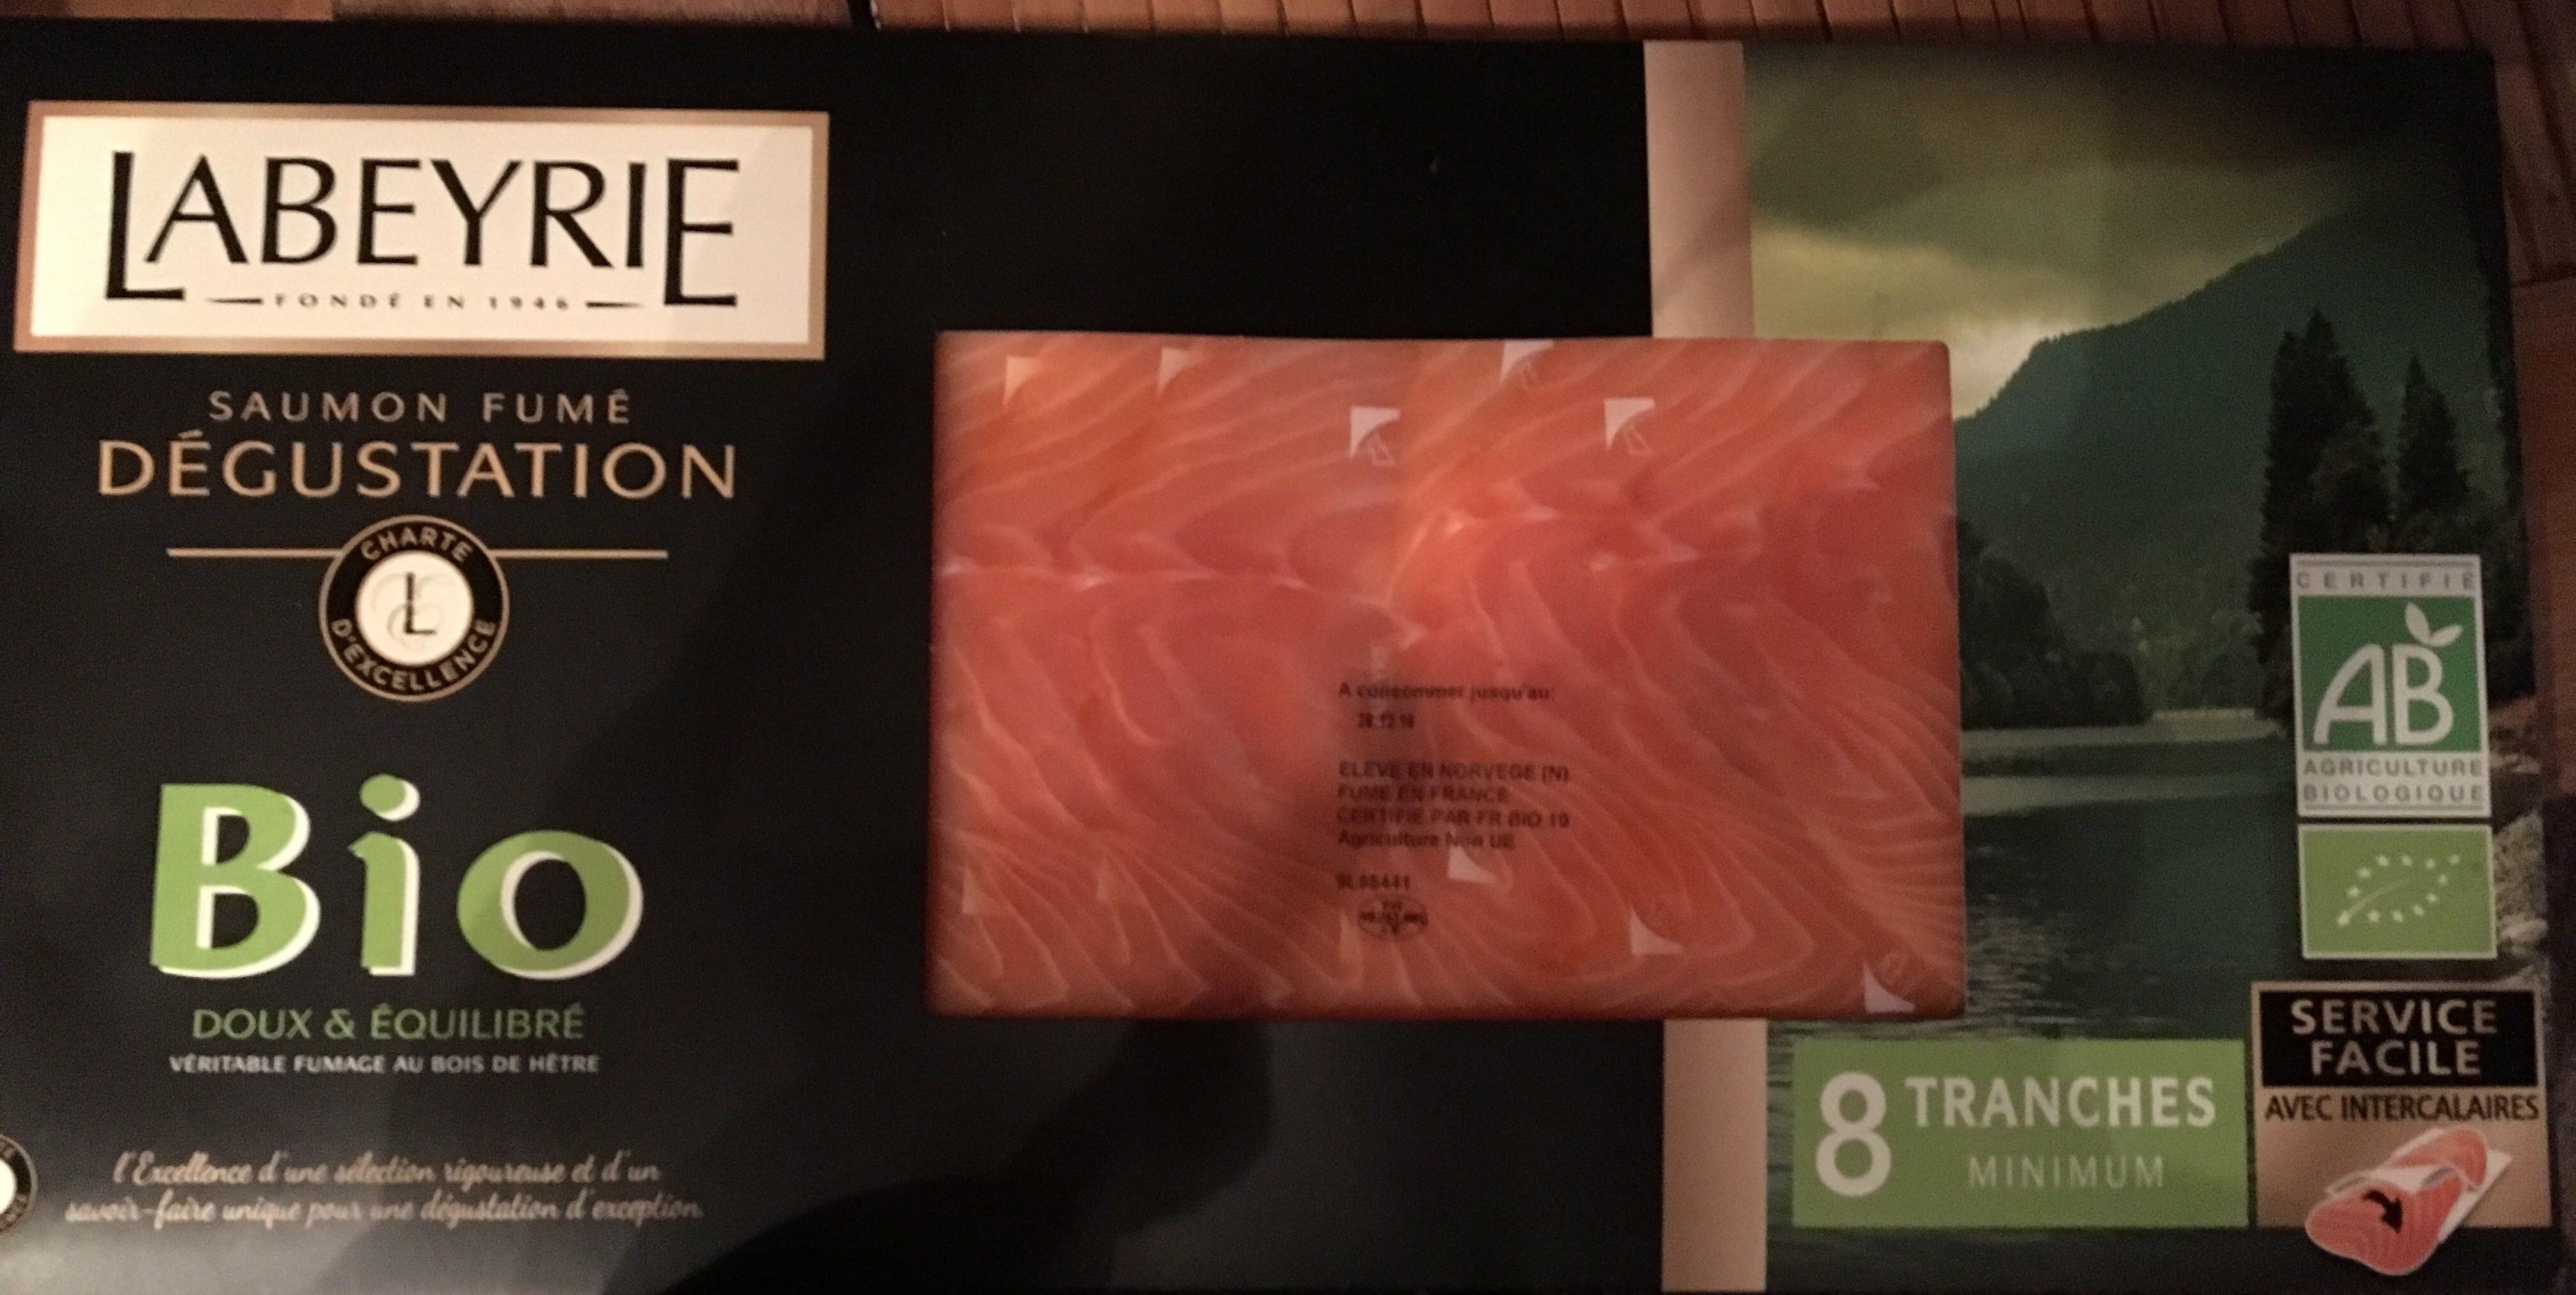 Saumon fumé Dégustation Bio - Product - fr